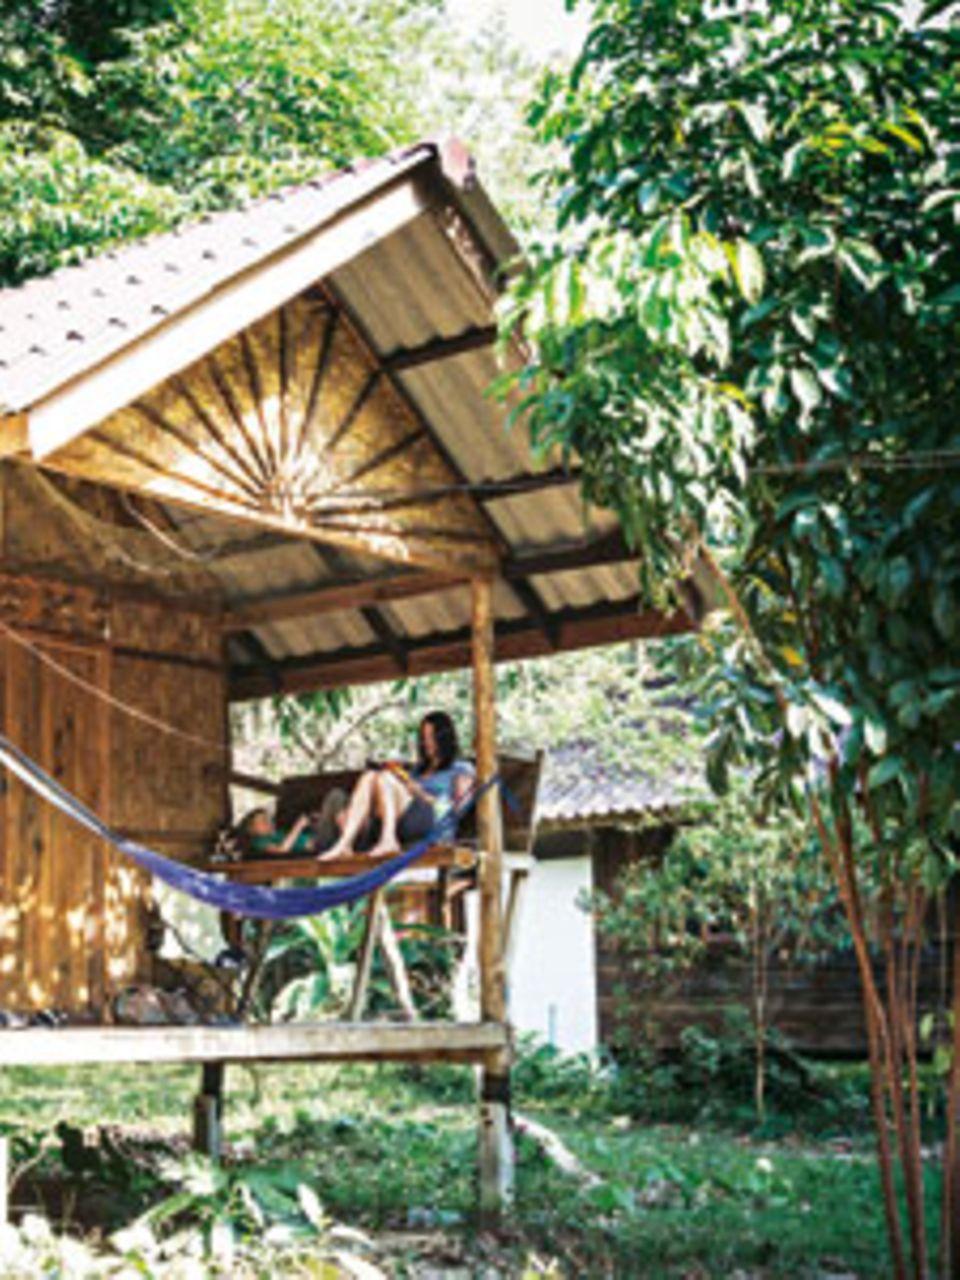 Siesta Thailandia: Während die Mittagssonne auf die Insel Koh Phayam brennt, verziehen sich Susanne und Fred zum Lesen auf ihre Veranda. Wenn die Mama Glück hat, liest der Sohn auch mal vor